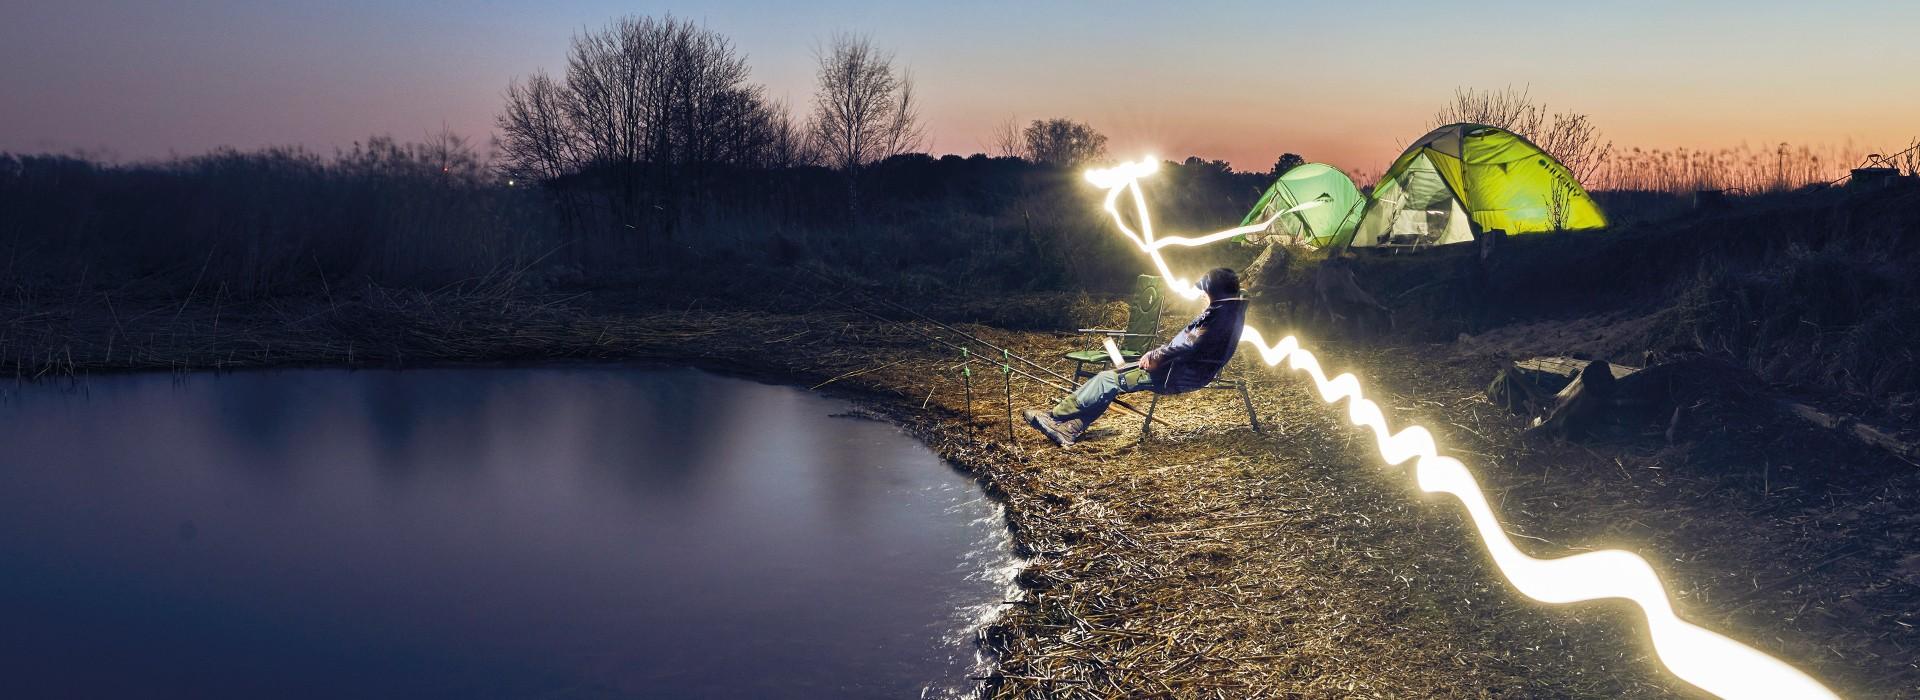 Deeper strømlanterneLys opp utendørs